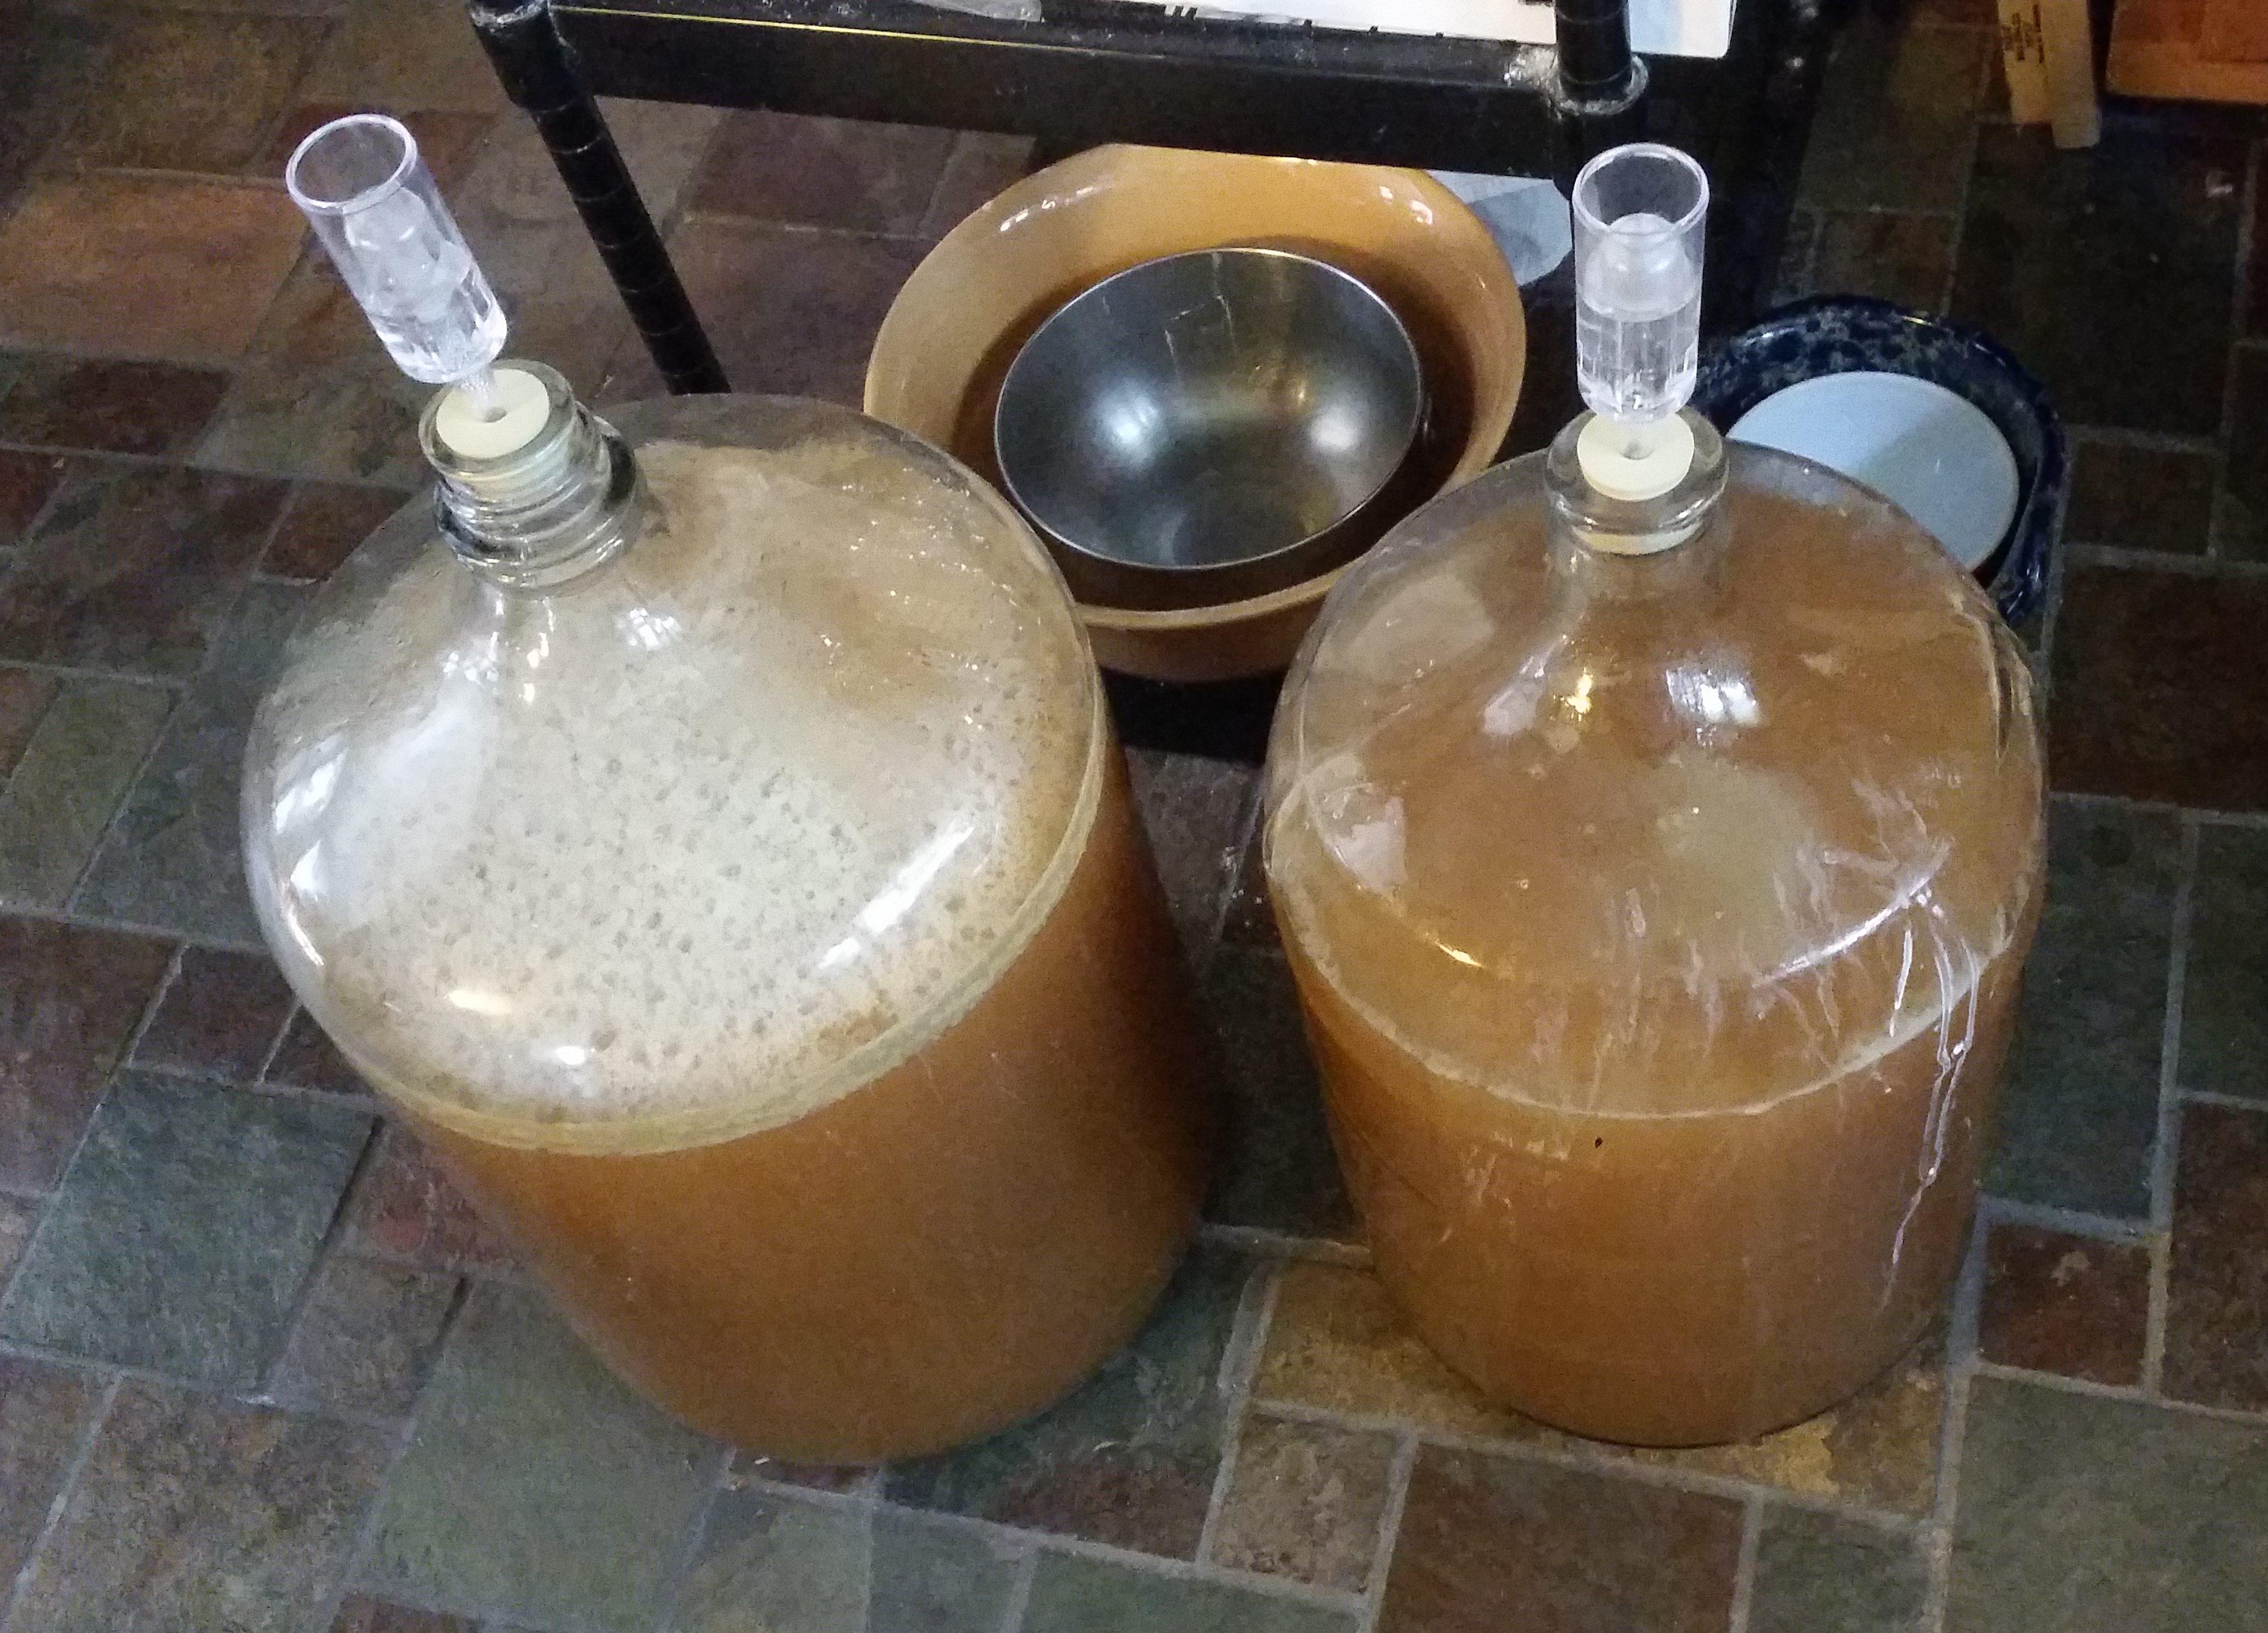 Homebrew beer ferments in jugs.